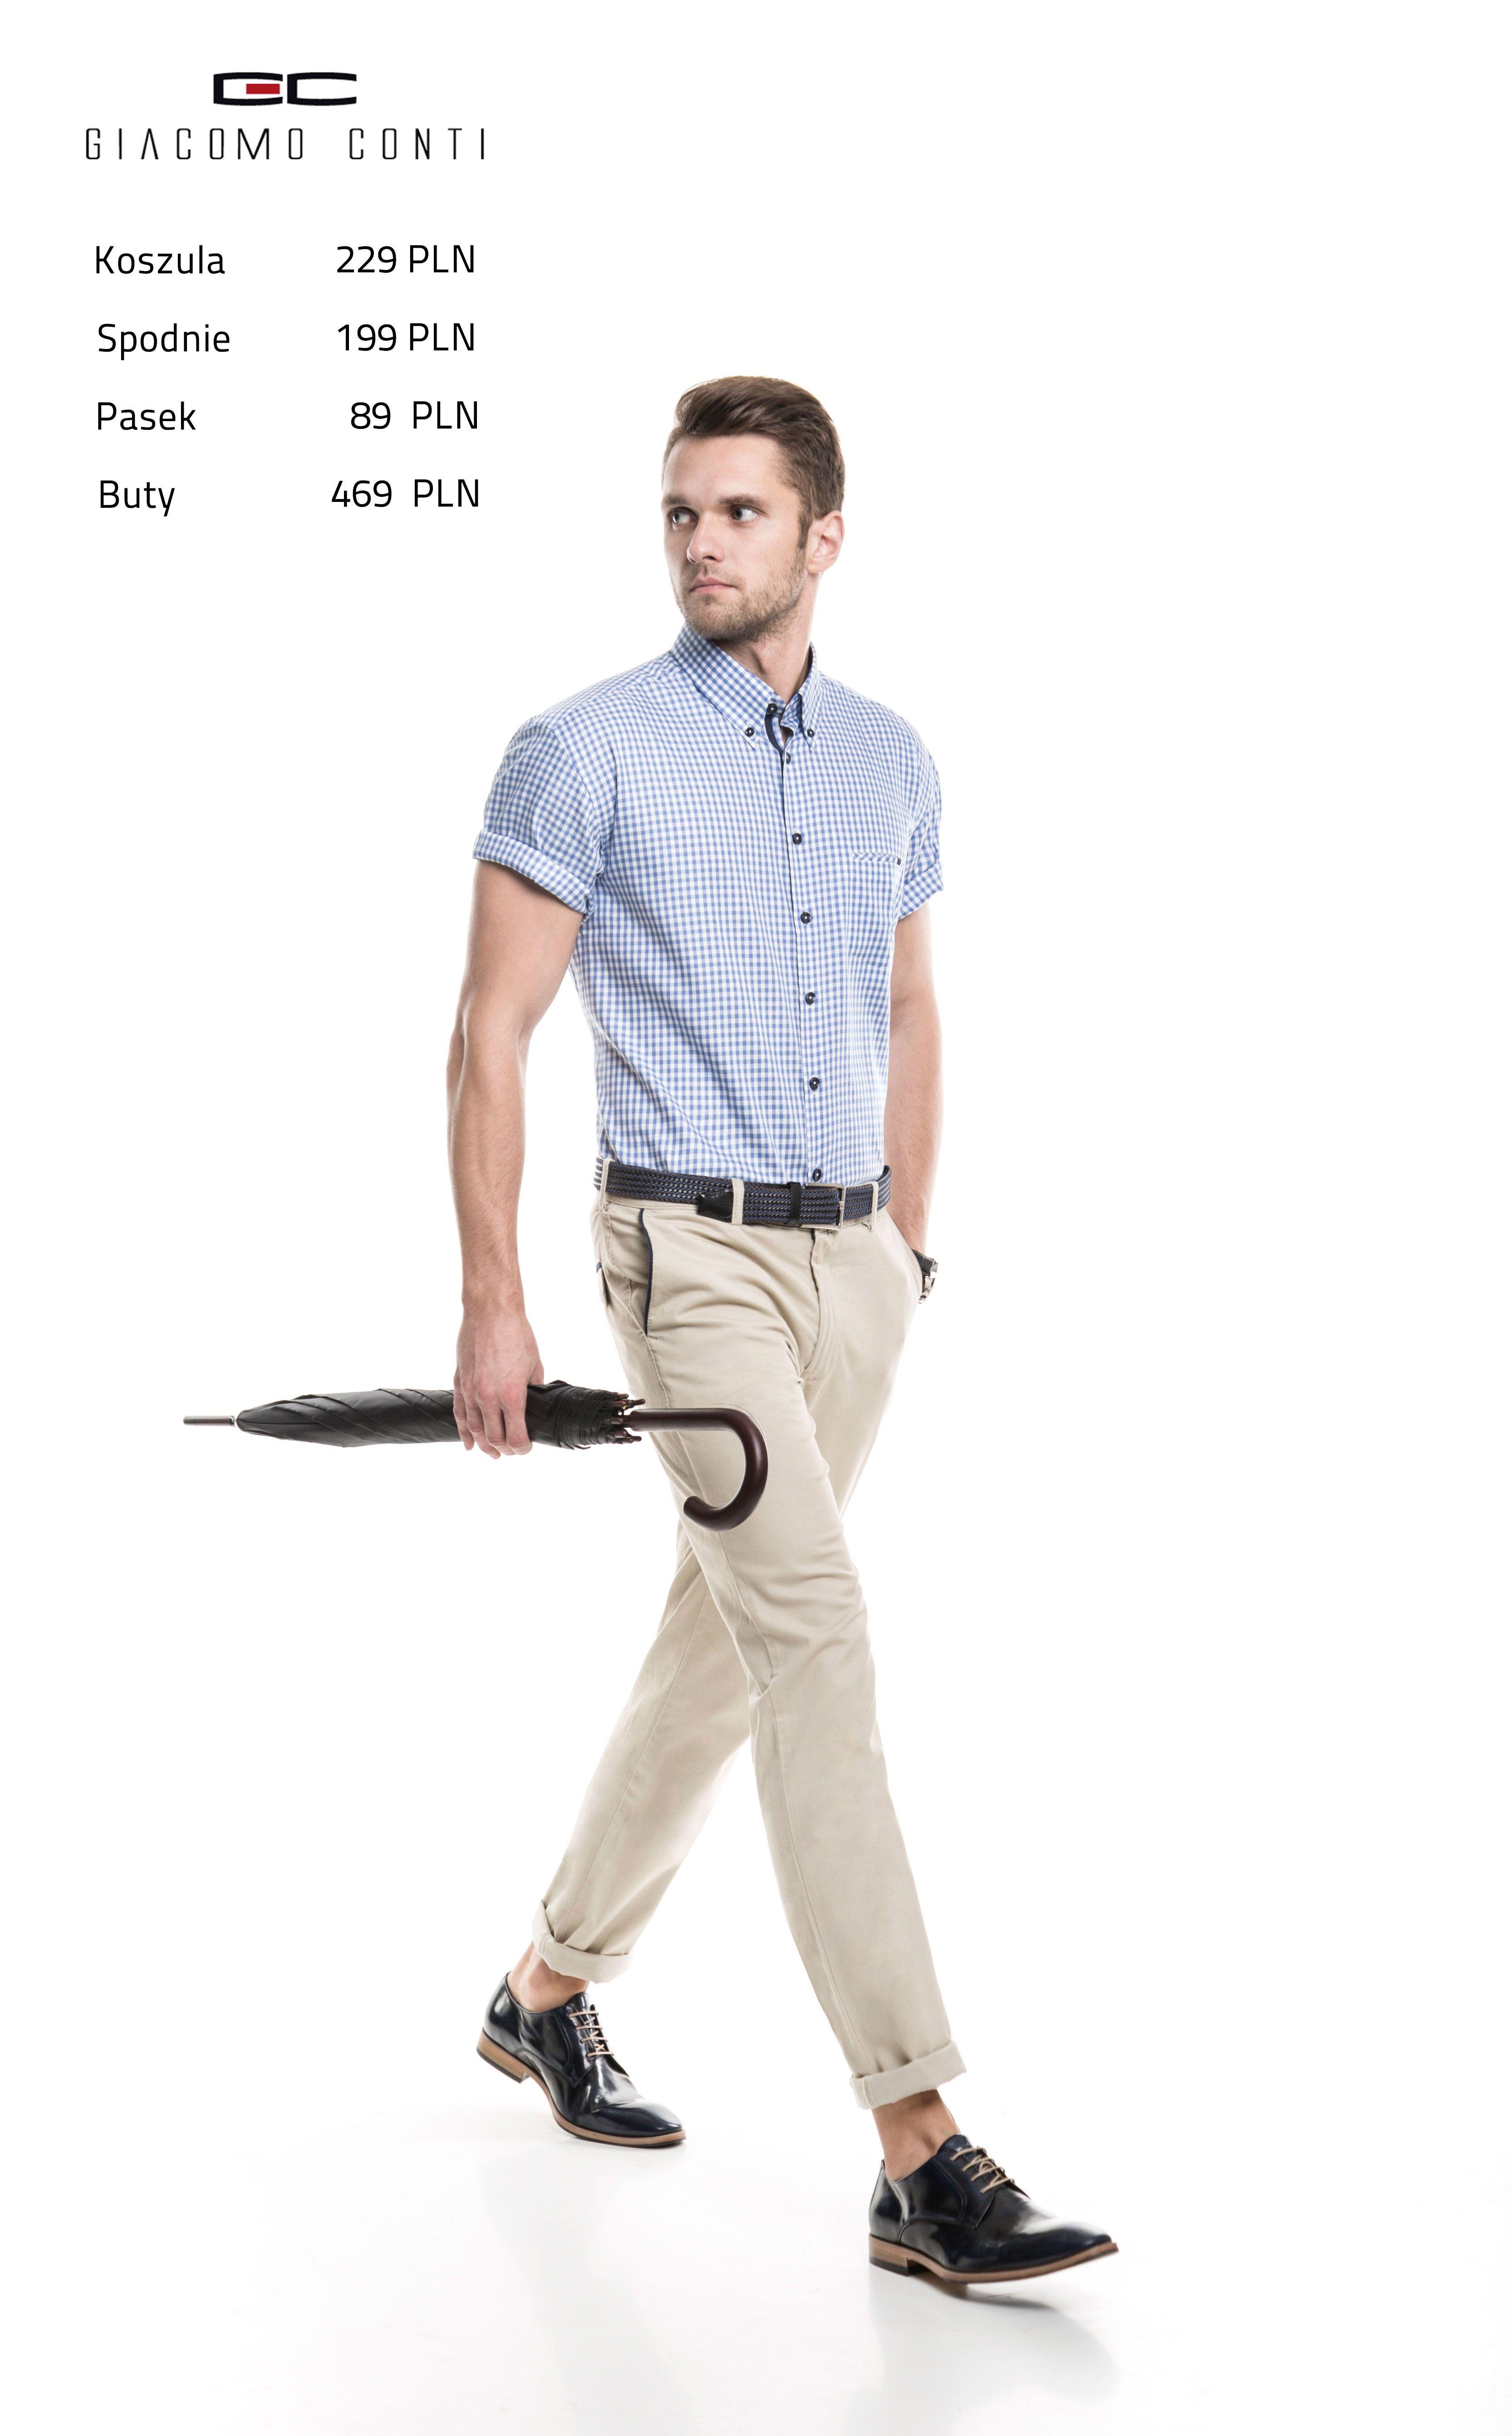 Stylizacja Giacomo Conti Koszula Sergio 15 01 58 K Spodnie Abramo 15 44t Buty 2676